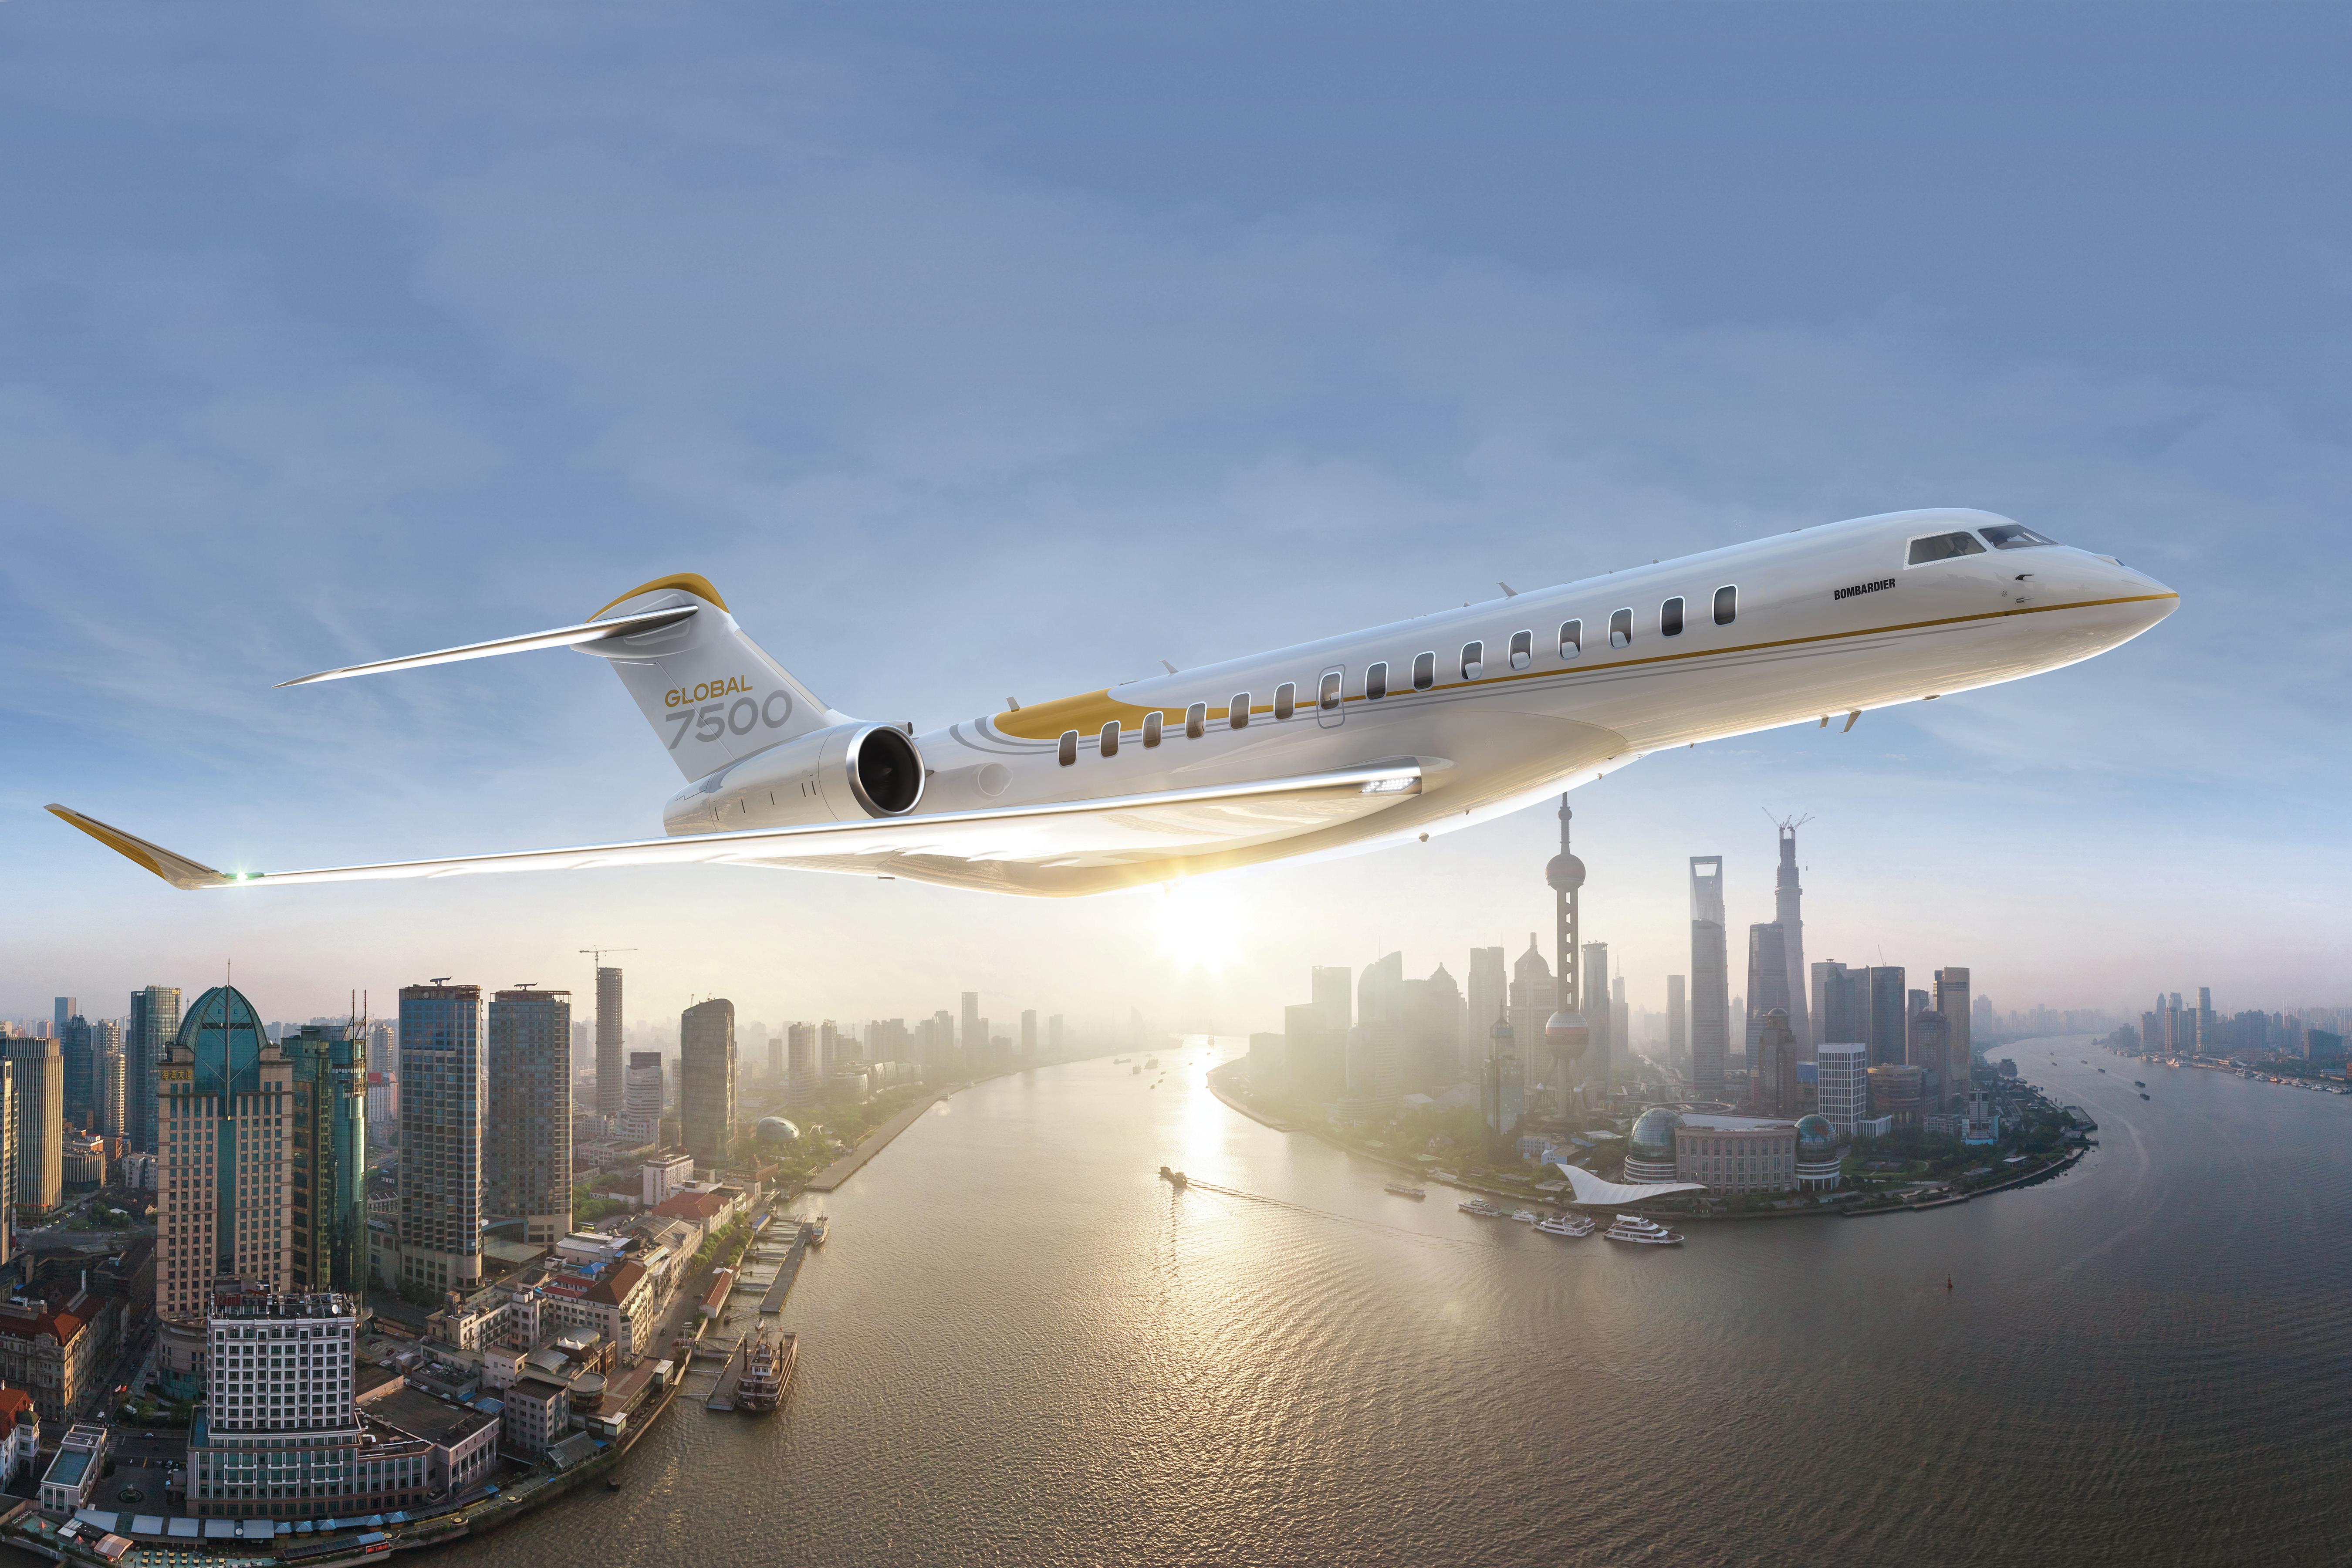 Artist rendering of Bombardier Global 7500 in flight.